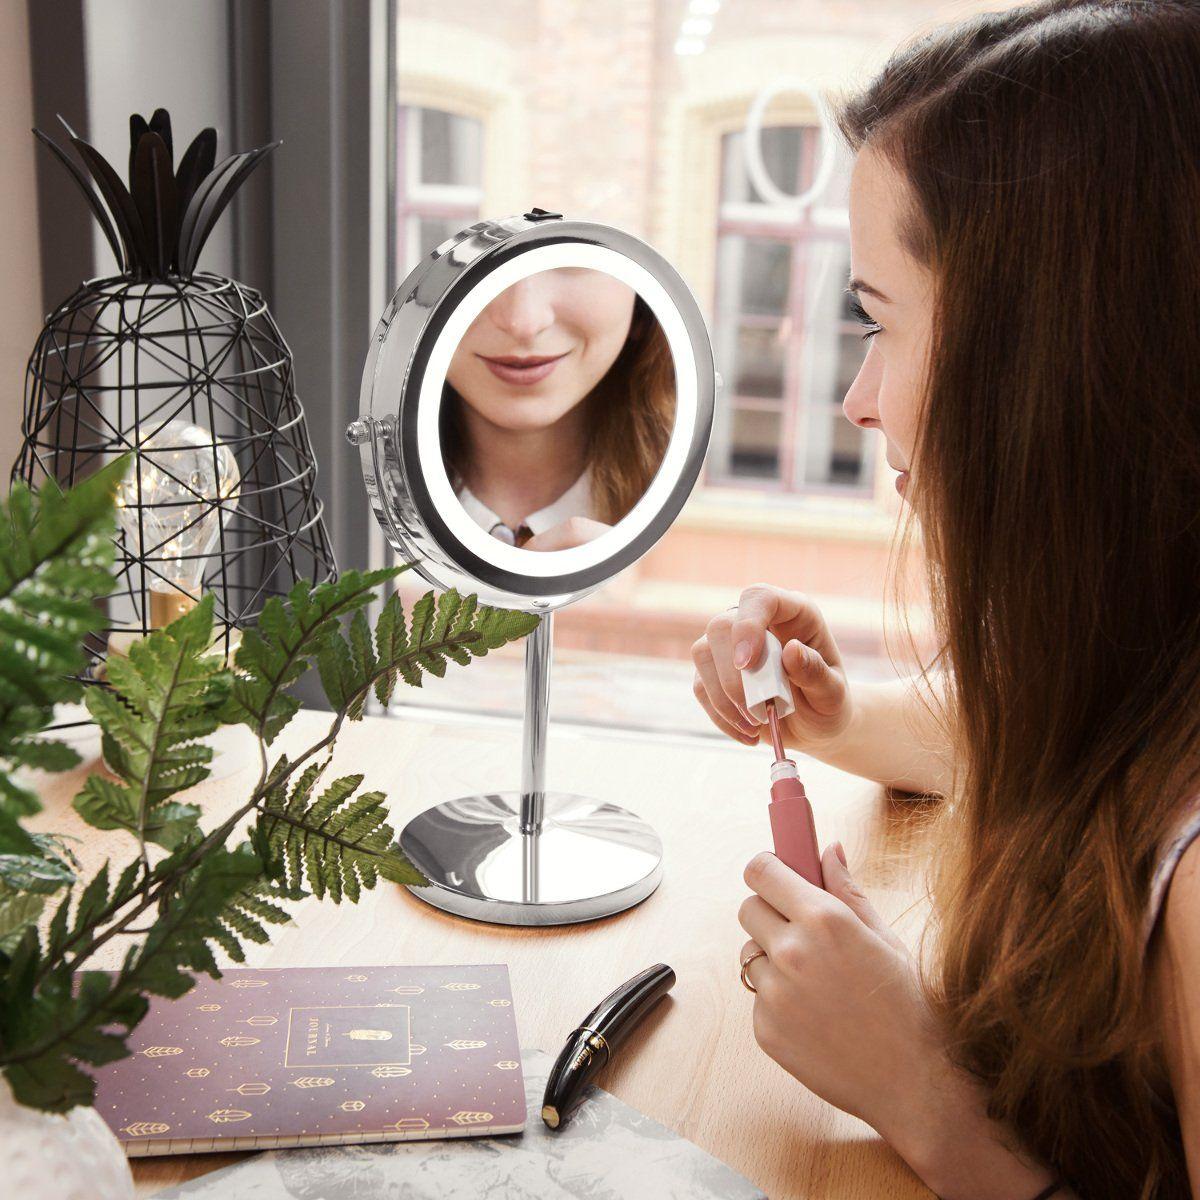 Navaris Kosmetik Makeup Spiegel Beauty Party Kosmetikspiegel Mit Beleuchtung Schminkspiegel Kosmetik